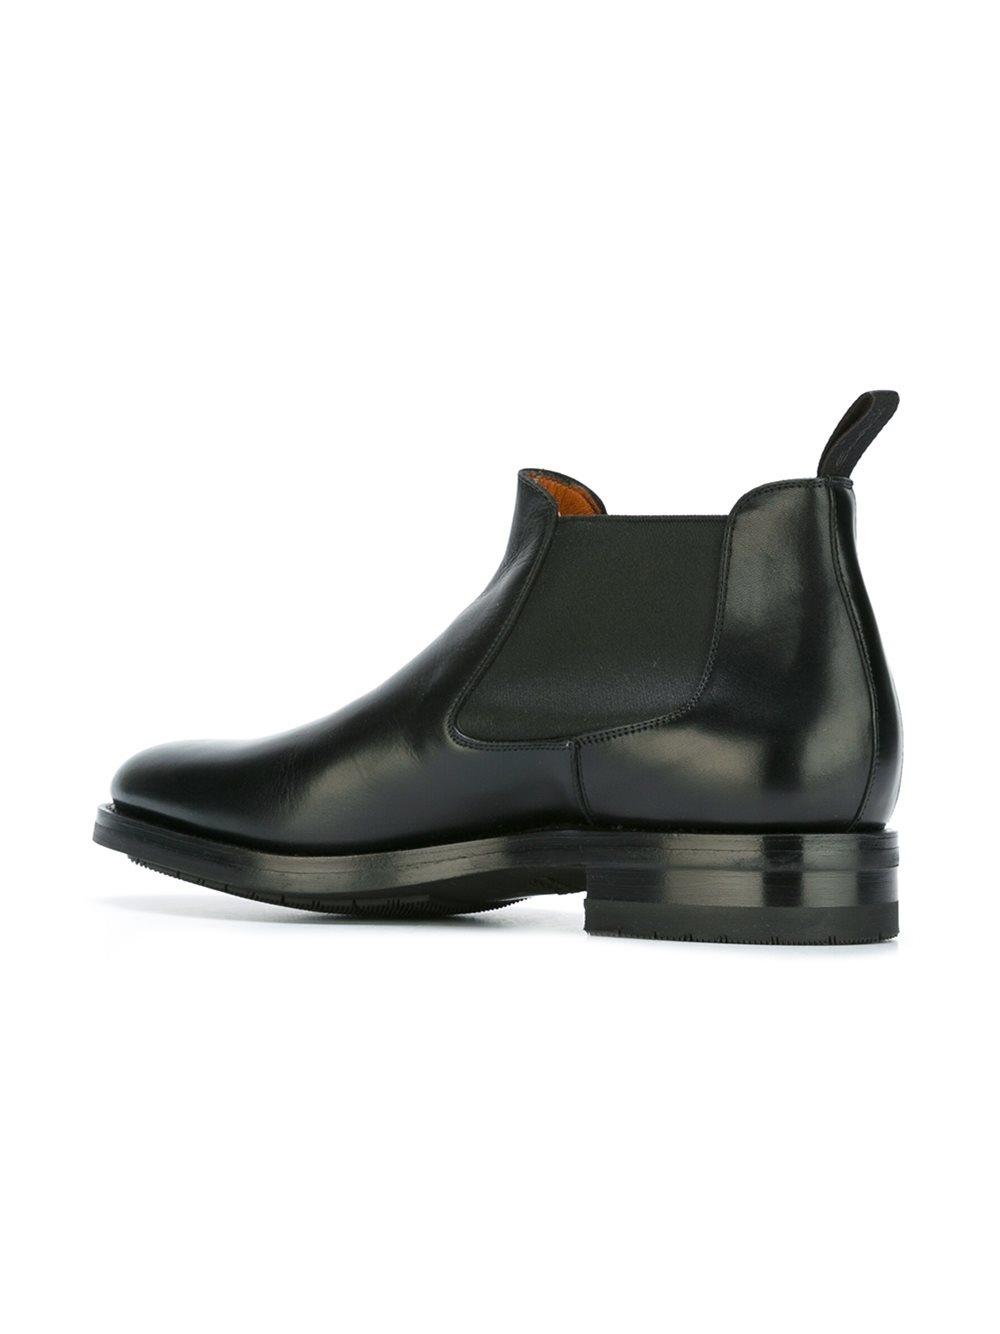 santoni chelsea boots in black for men lyst. Black Bedroom Furniture Sets. Home Design Ideas